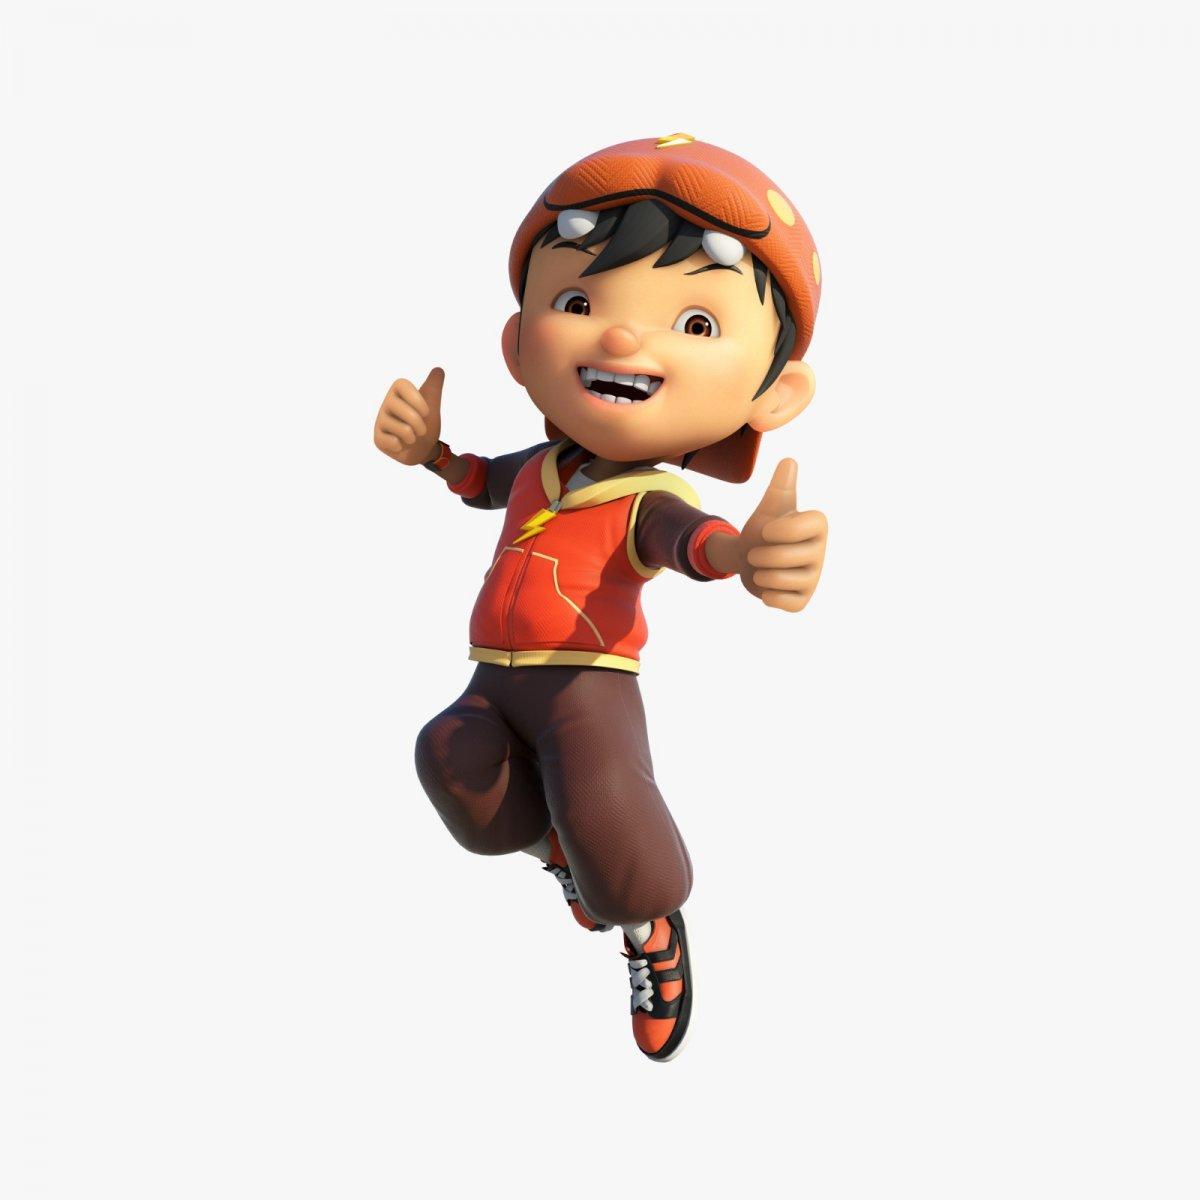 Animasyon dünyasının ilk başörtülü süper kahramanı Yaya, BoBoiBoy ile sinemalarda #5